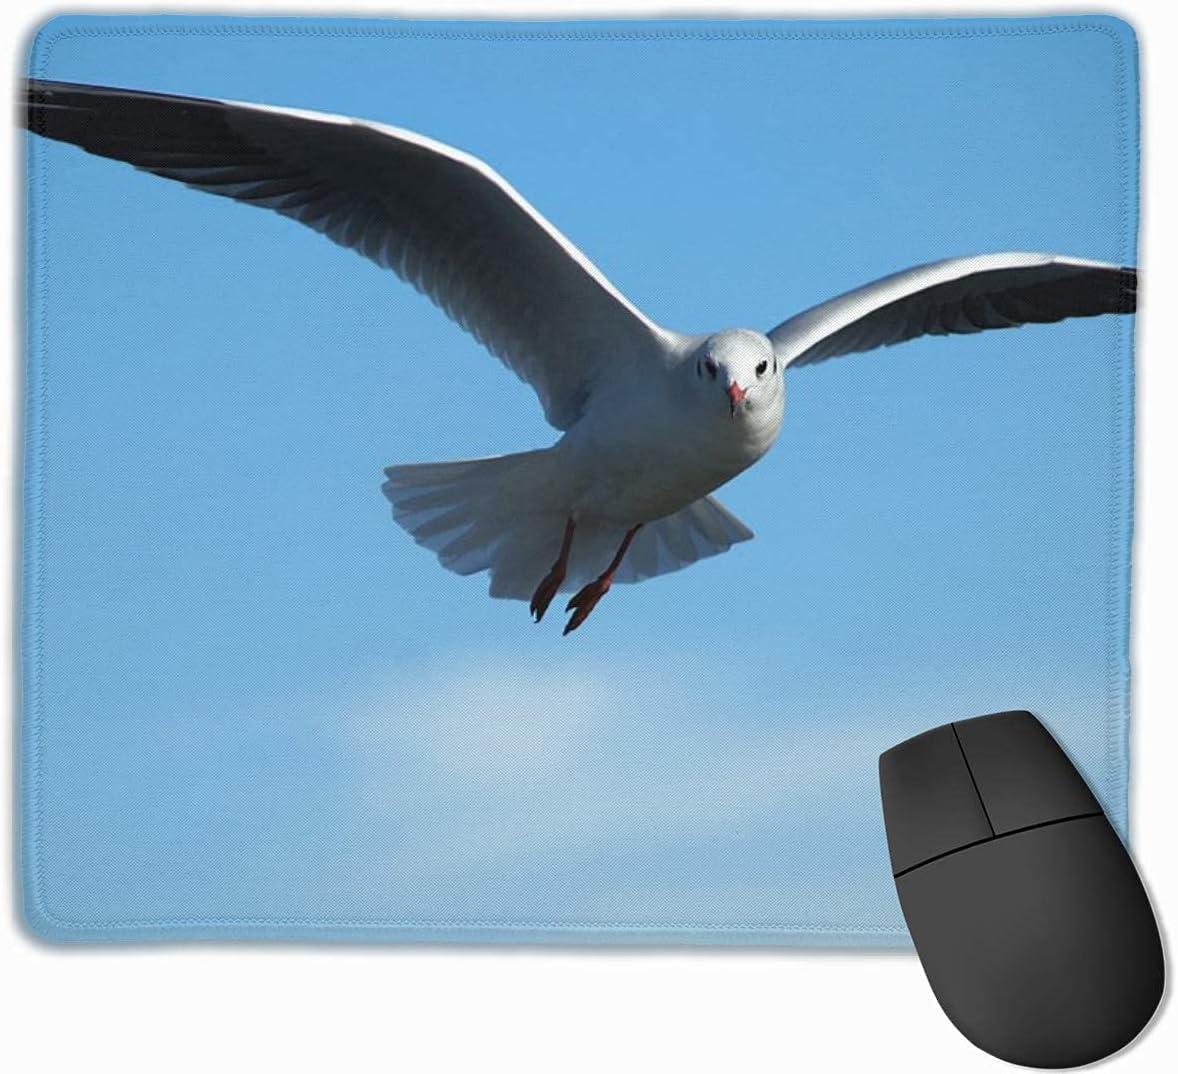 2021 new Mouse Pad Gull Bird Sky Non-Slip Denver Mall Rubber Flying Custom